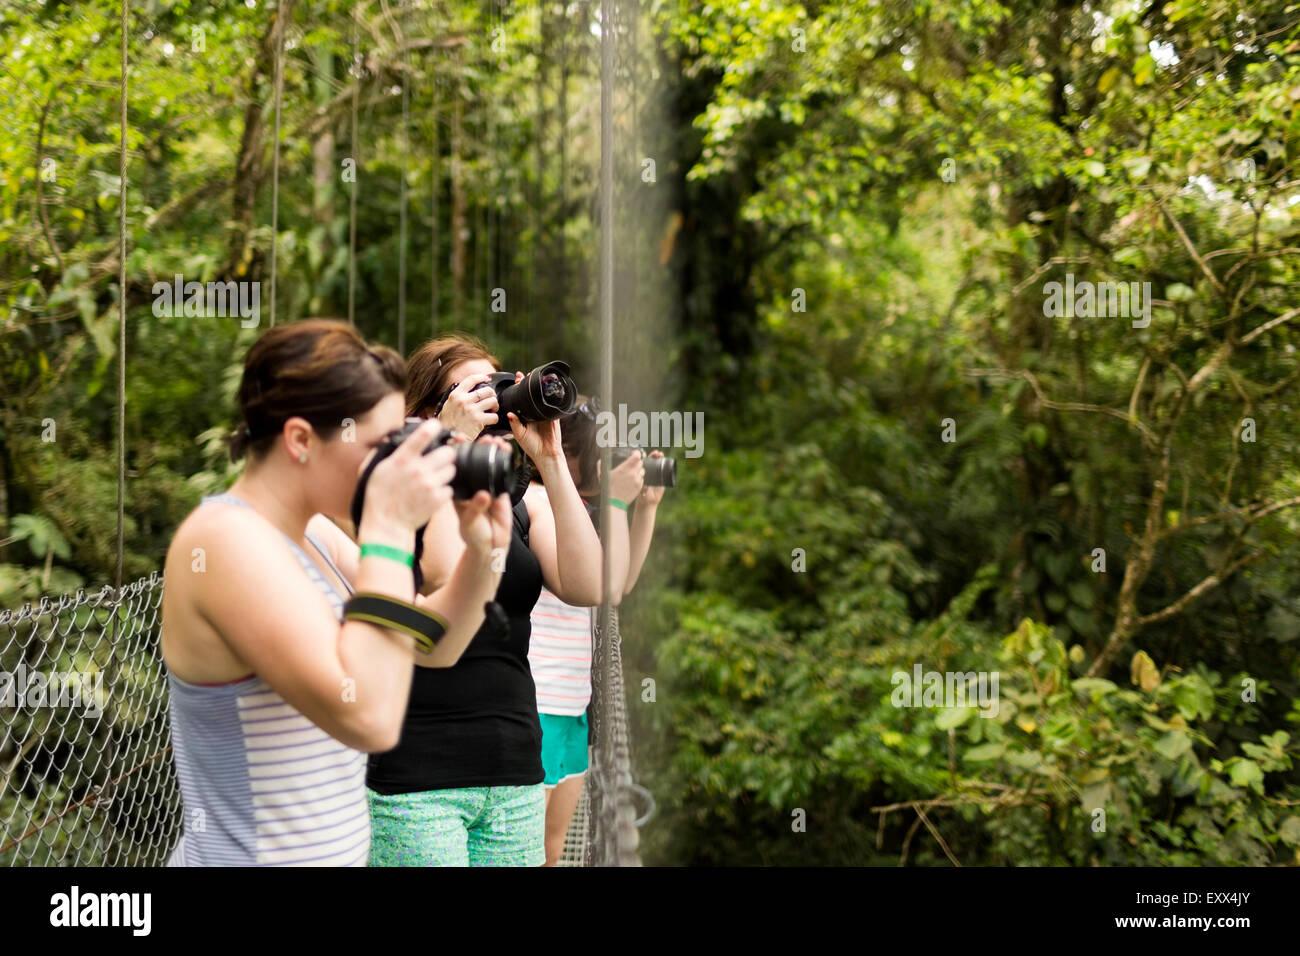 Fotografiar a las mujeres jóvenes en el bosque Imagen De Stock